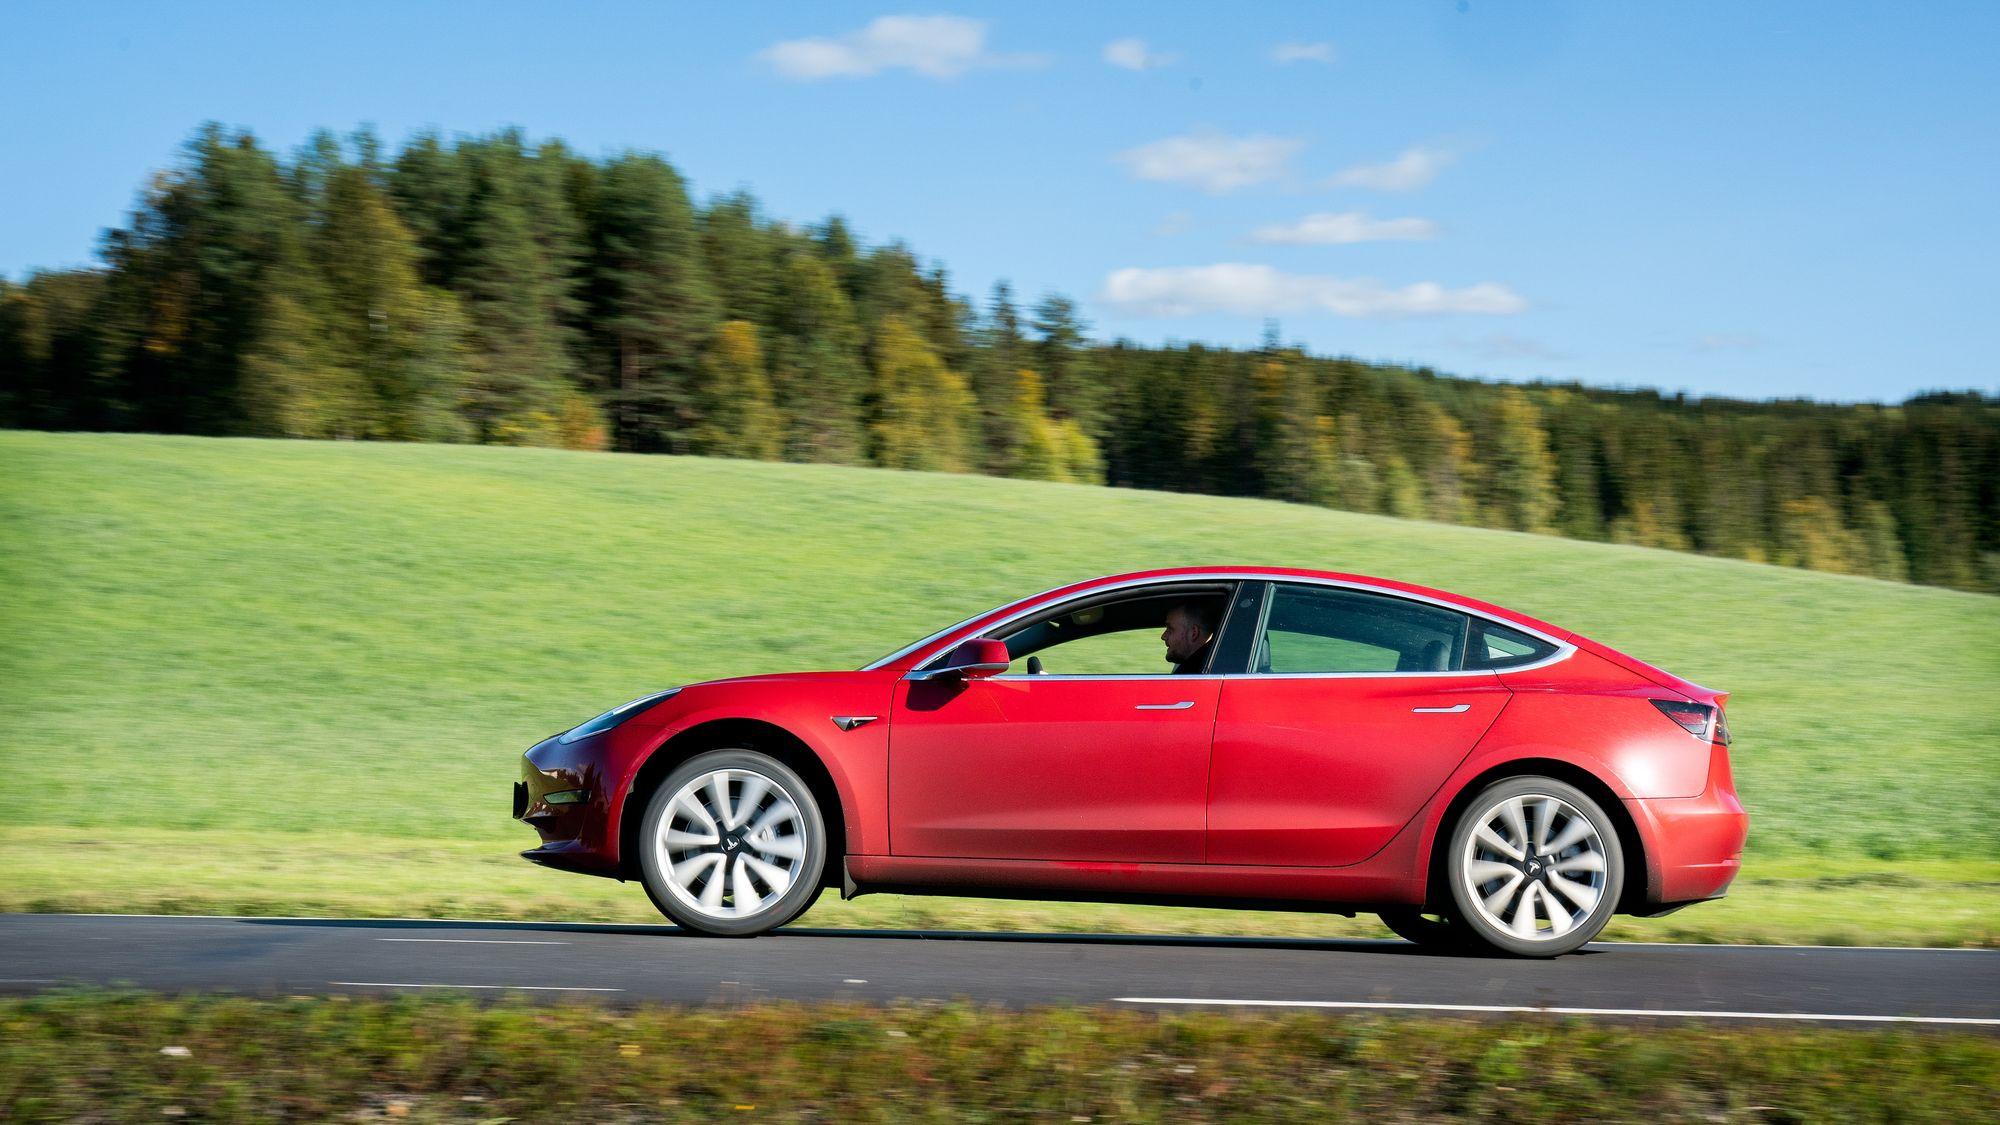 Hva Koster Det Å Forsikre En Tesla